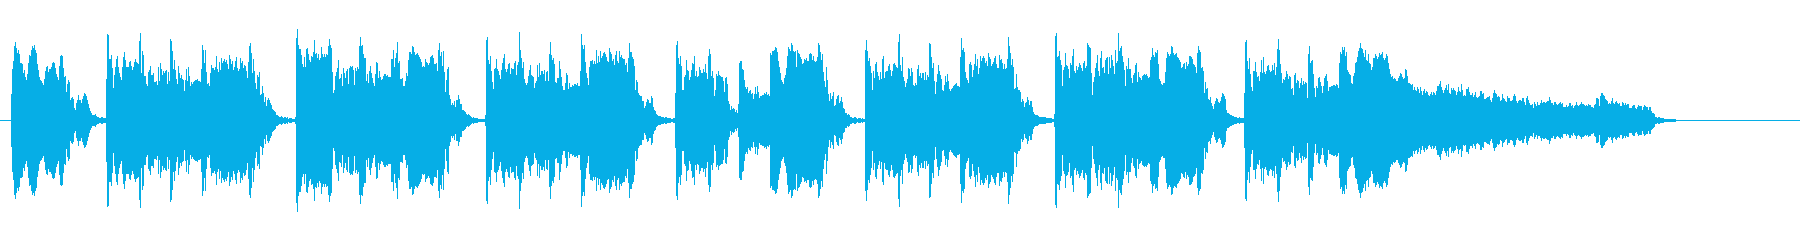 おまぬけぽいBGMの再生済みの波形